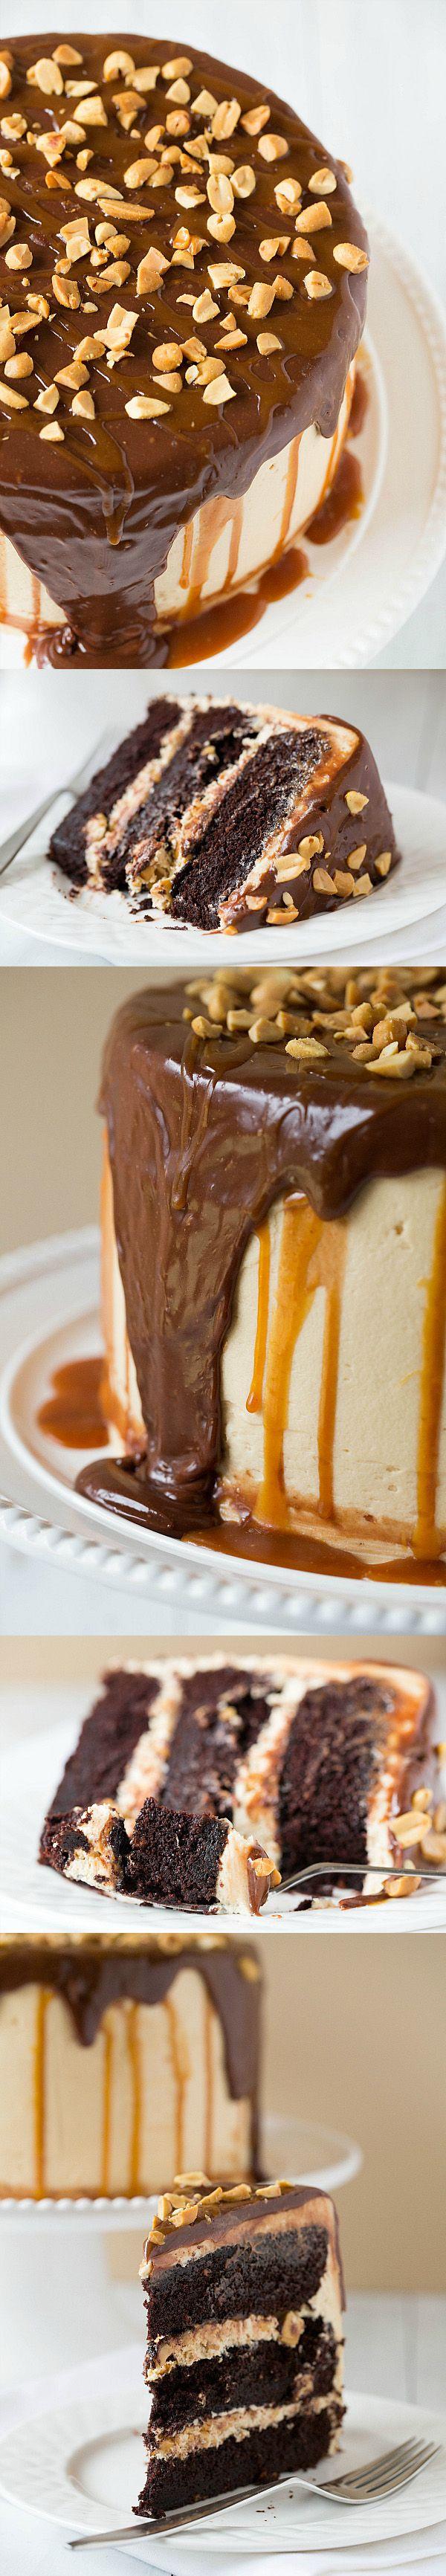 Tarta estilo Snickers / http://www.browneyedbaker.com/